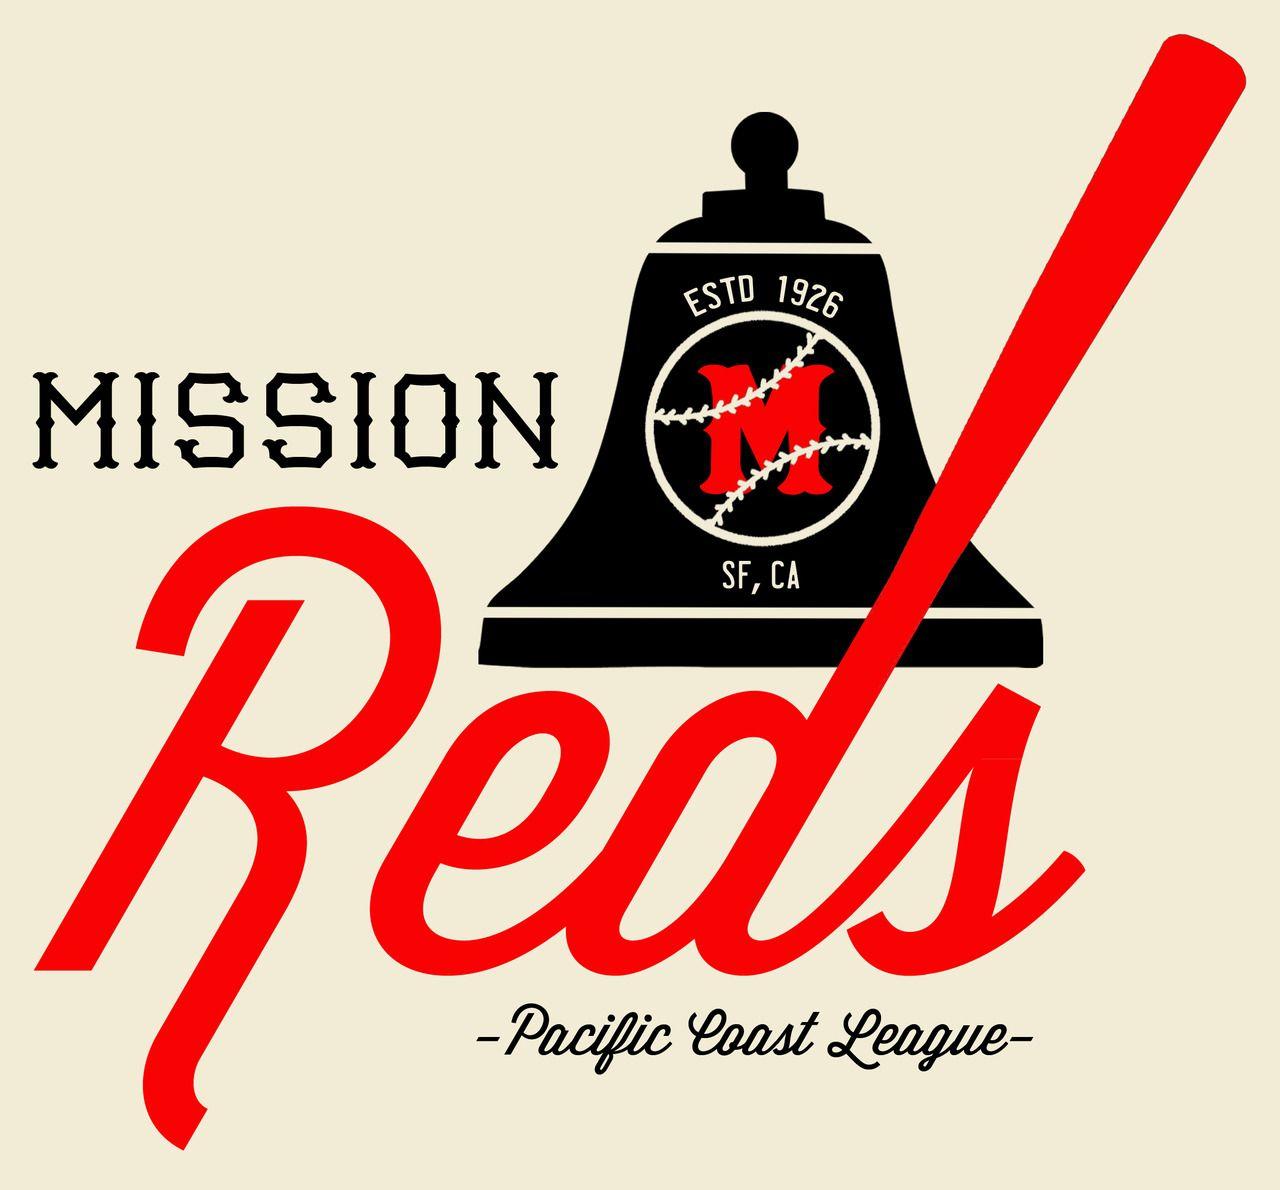 Mission Reds Pacific Coast League Minor league